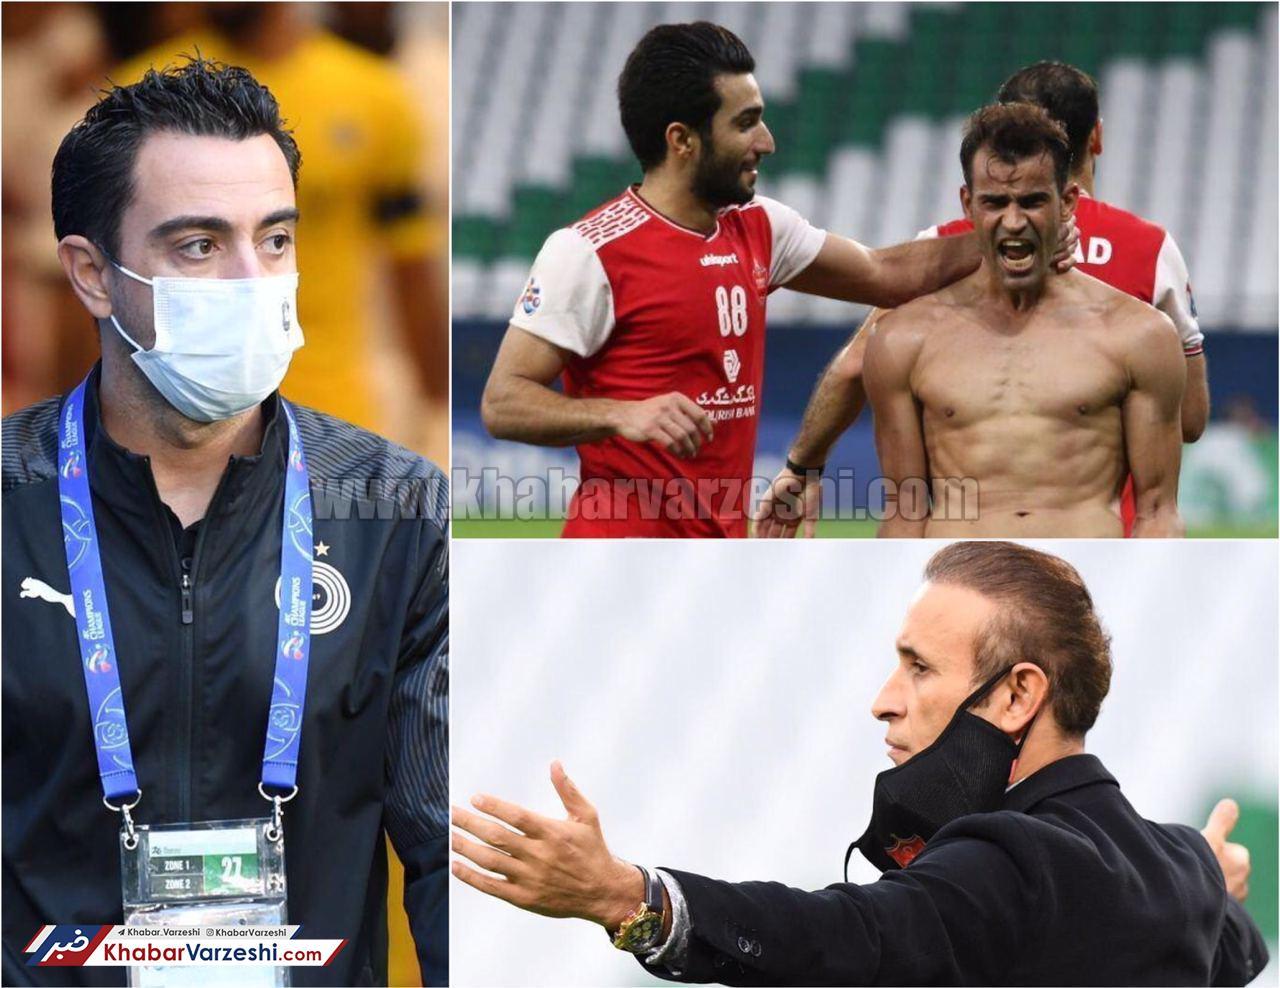 یعنی این بار نماینده فوتبال ایران «قهرمان آسیا» میشود؟